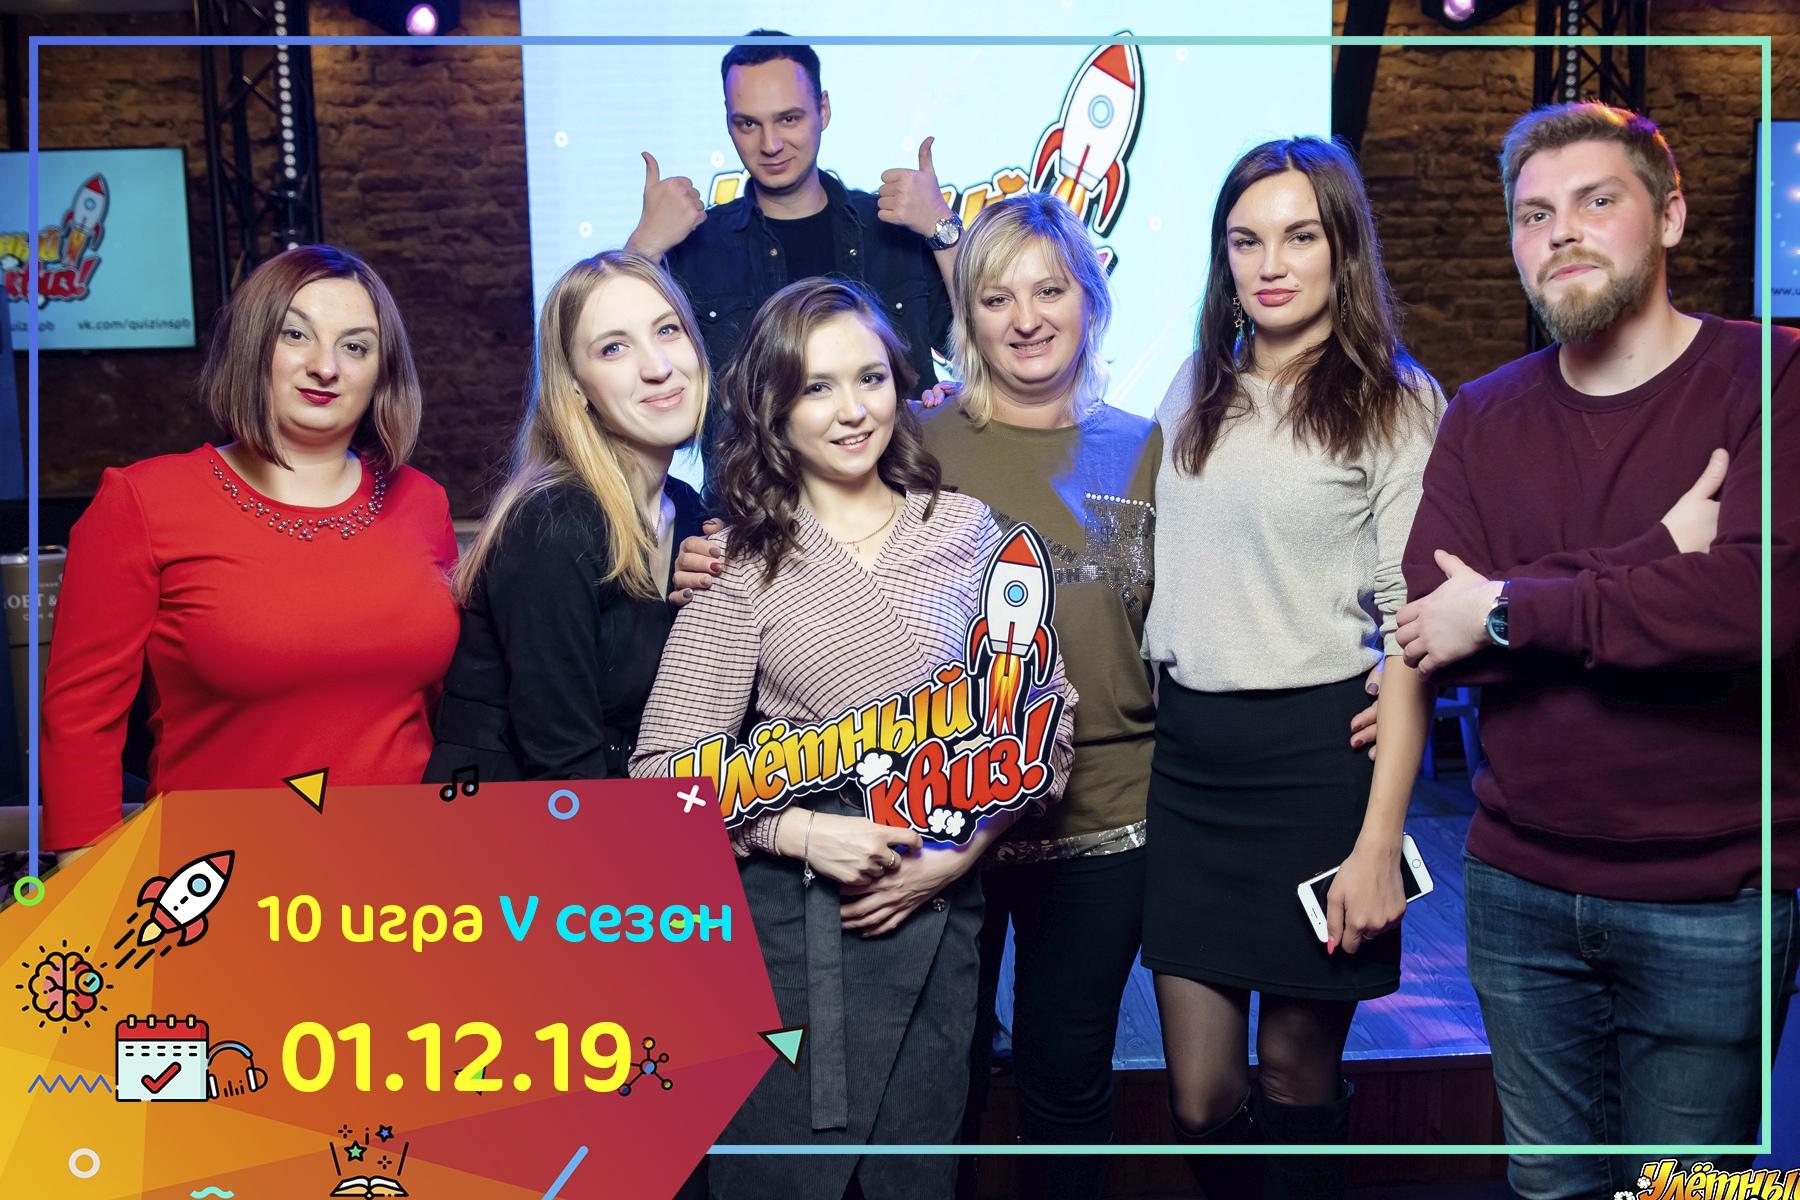 Игра №10 V сезон Улётный квиз 01.12.2019 (185 фото)